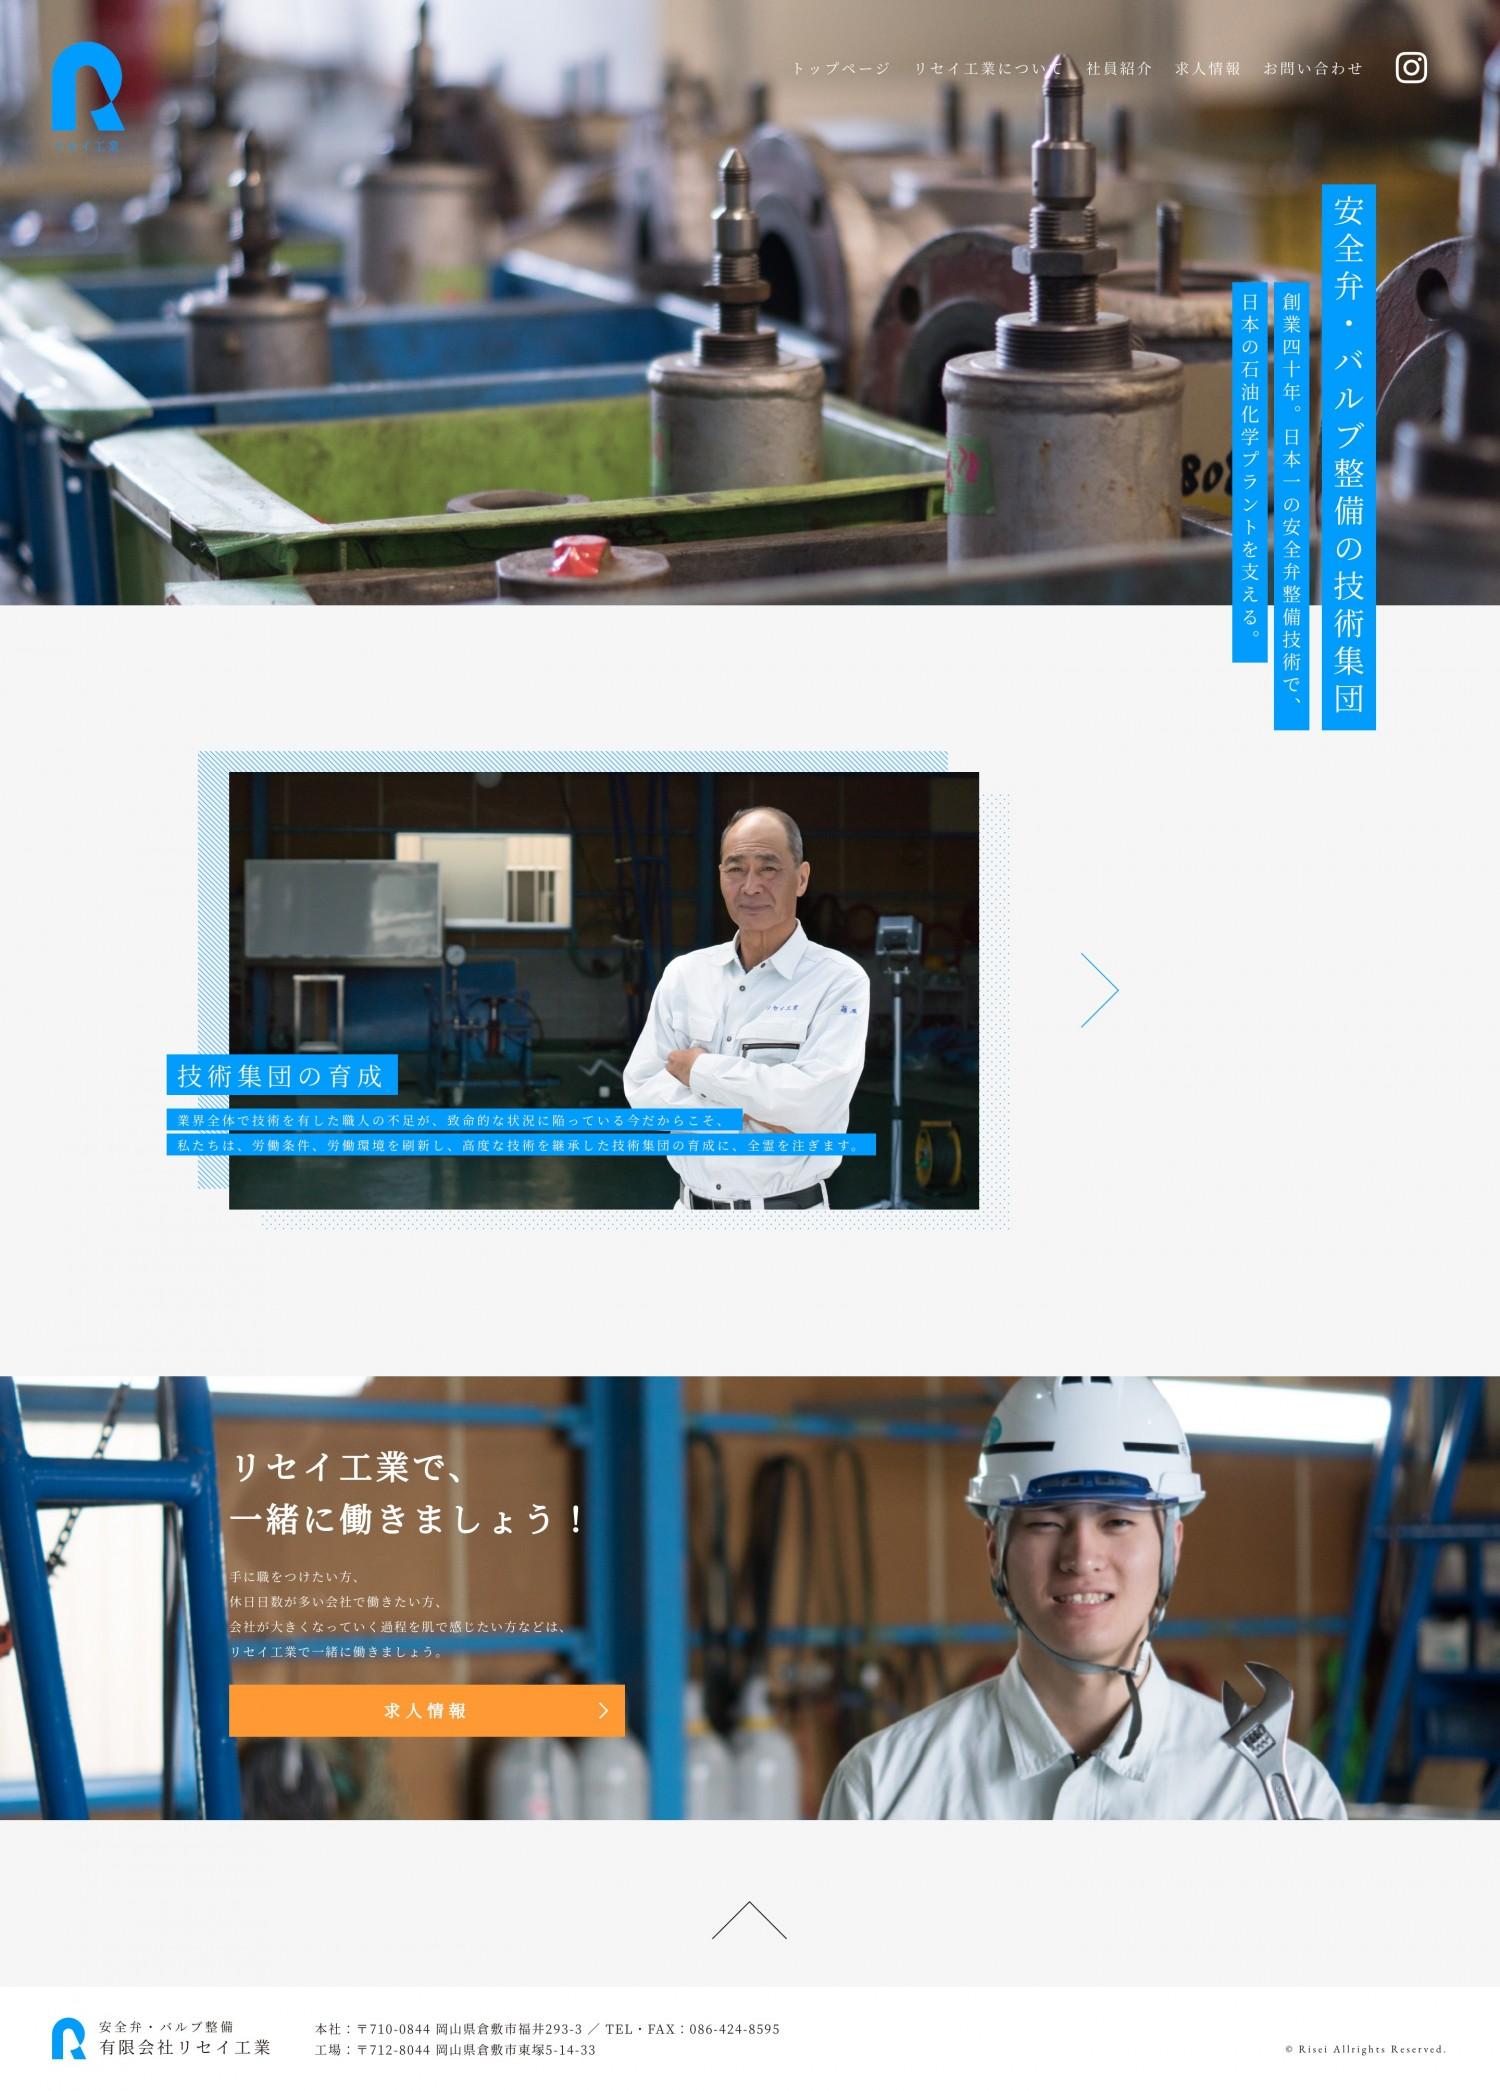 制作実績:安全弁・バルブ整備 リセイ工業